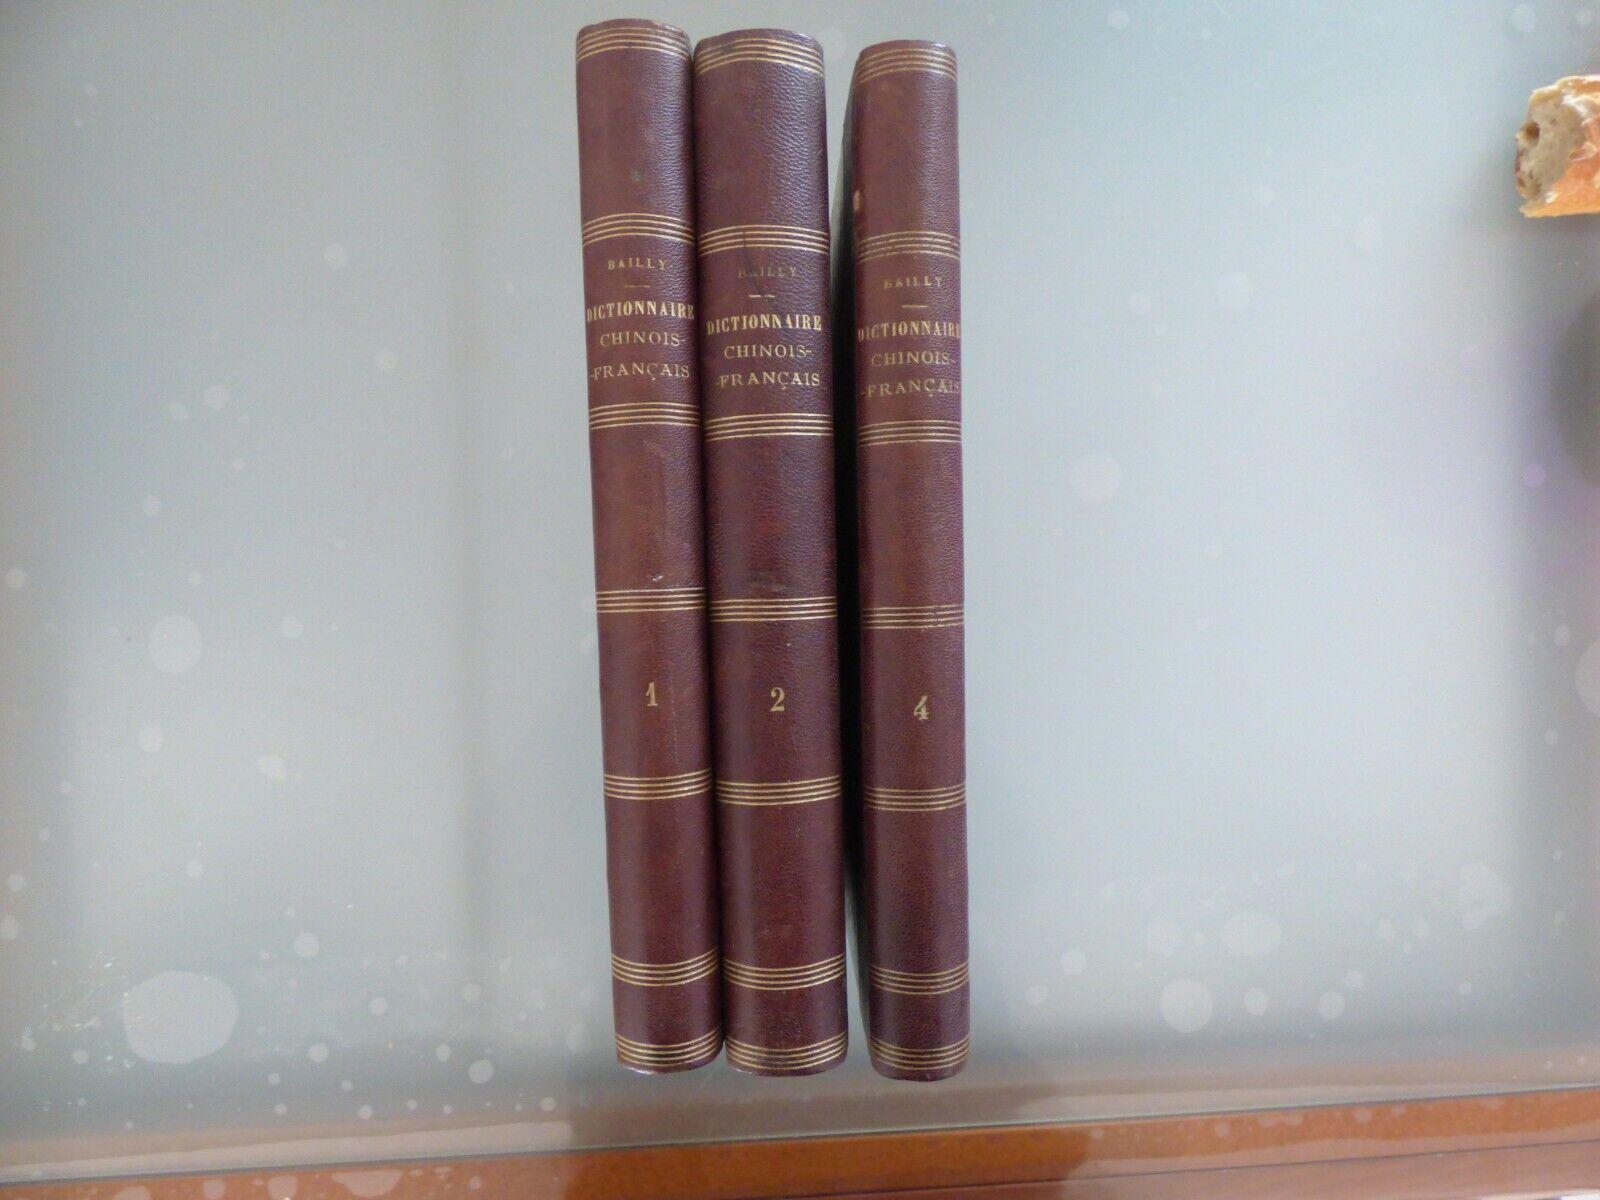 Chine, bailly: dictionnaire chinois - français, tome 1-2-4, 1889, saÏgon, rare.